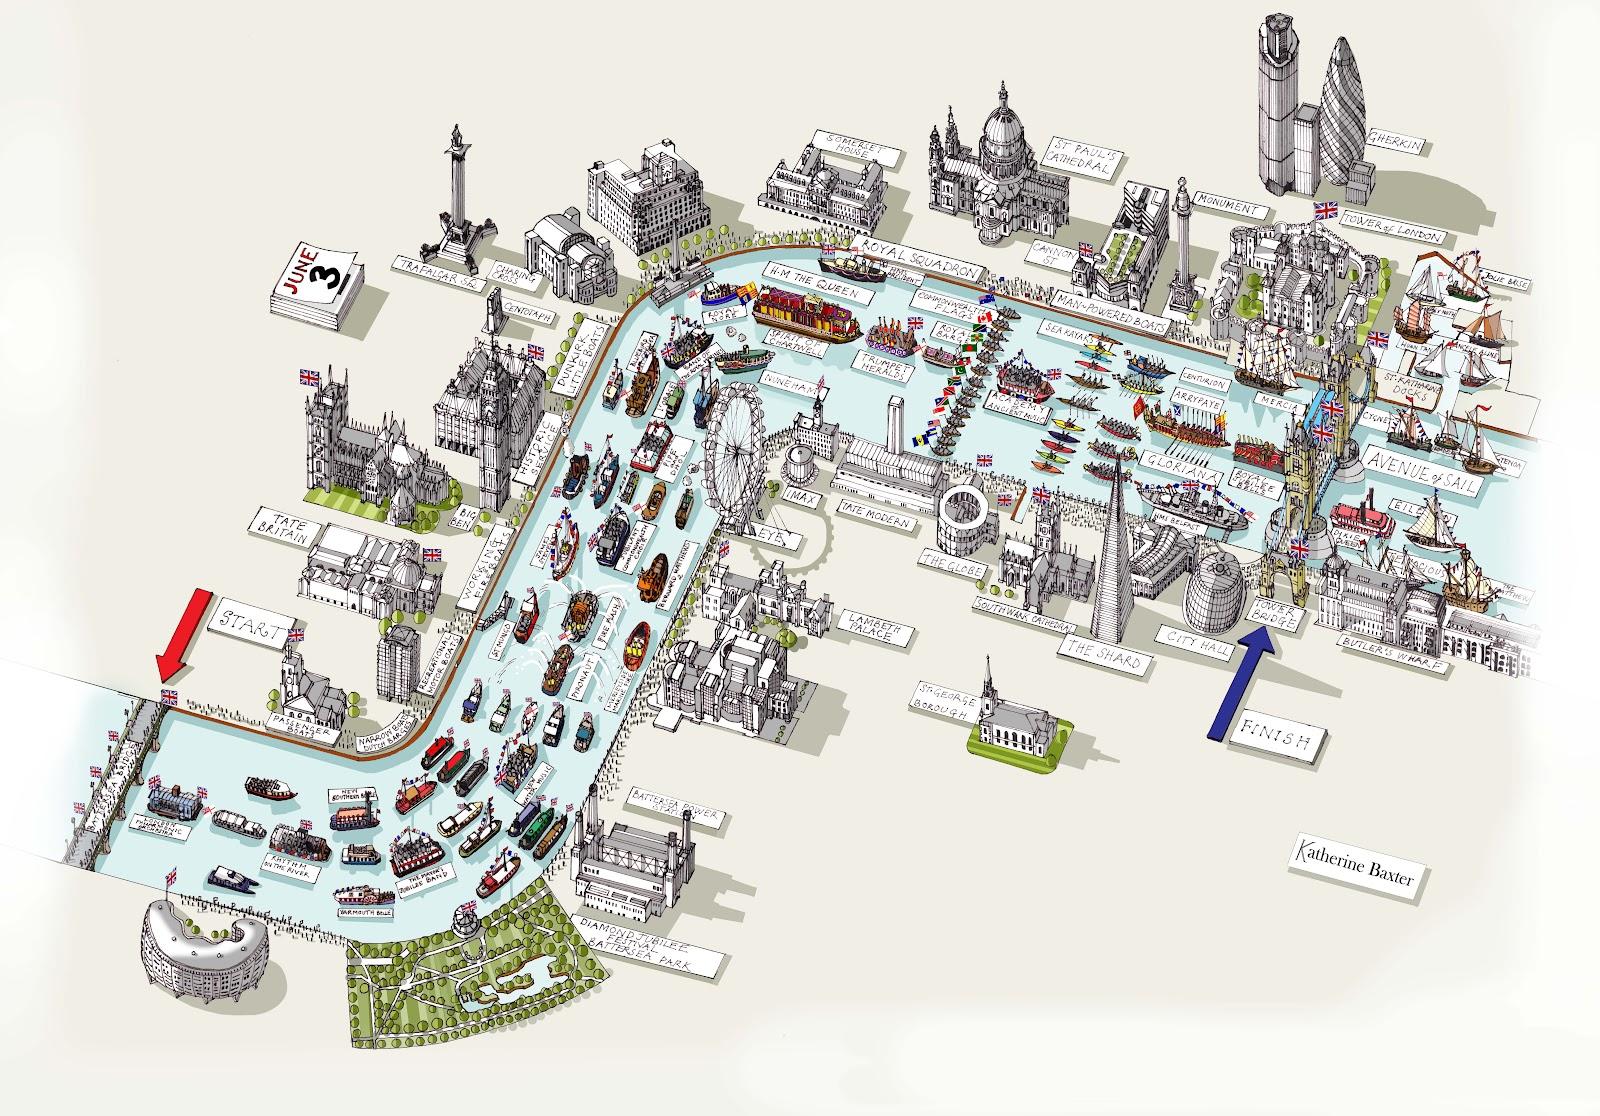 Katherine Baxter illustrator Map of London River Thames